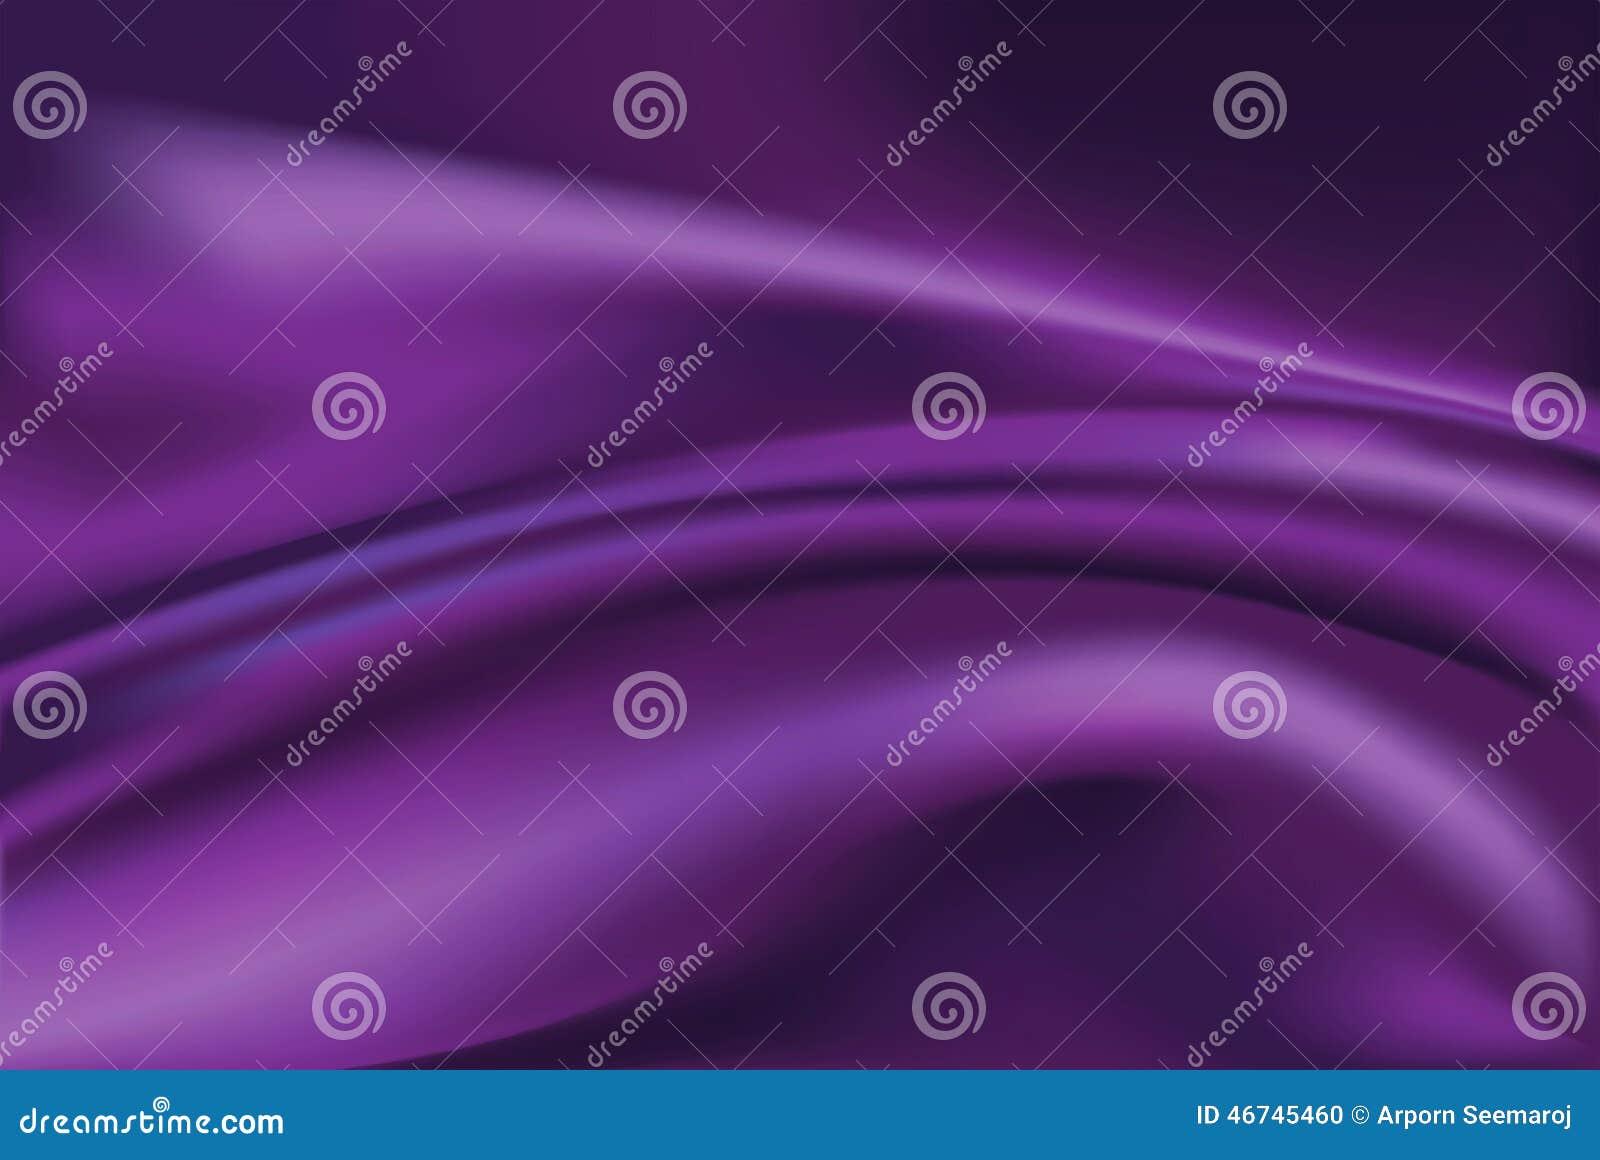 Vector van de Violette achtergrond van de zijdestof